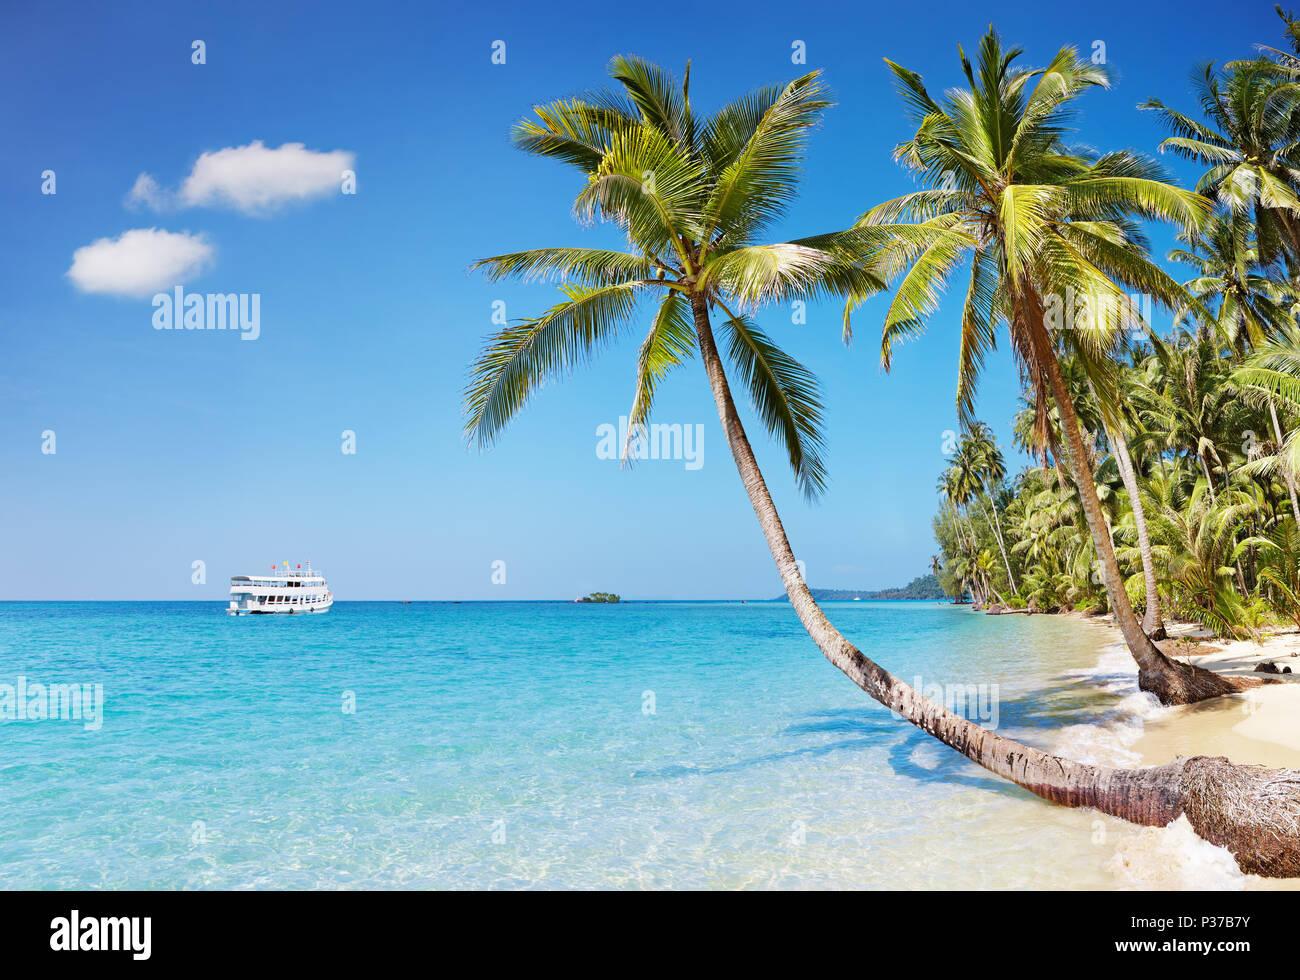 Playa tropical con palmeras, Kood island, Tailandia Imagen De Stock